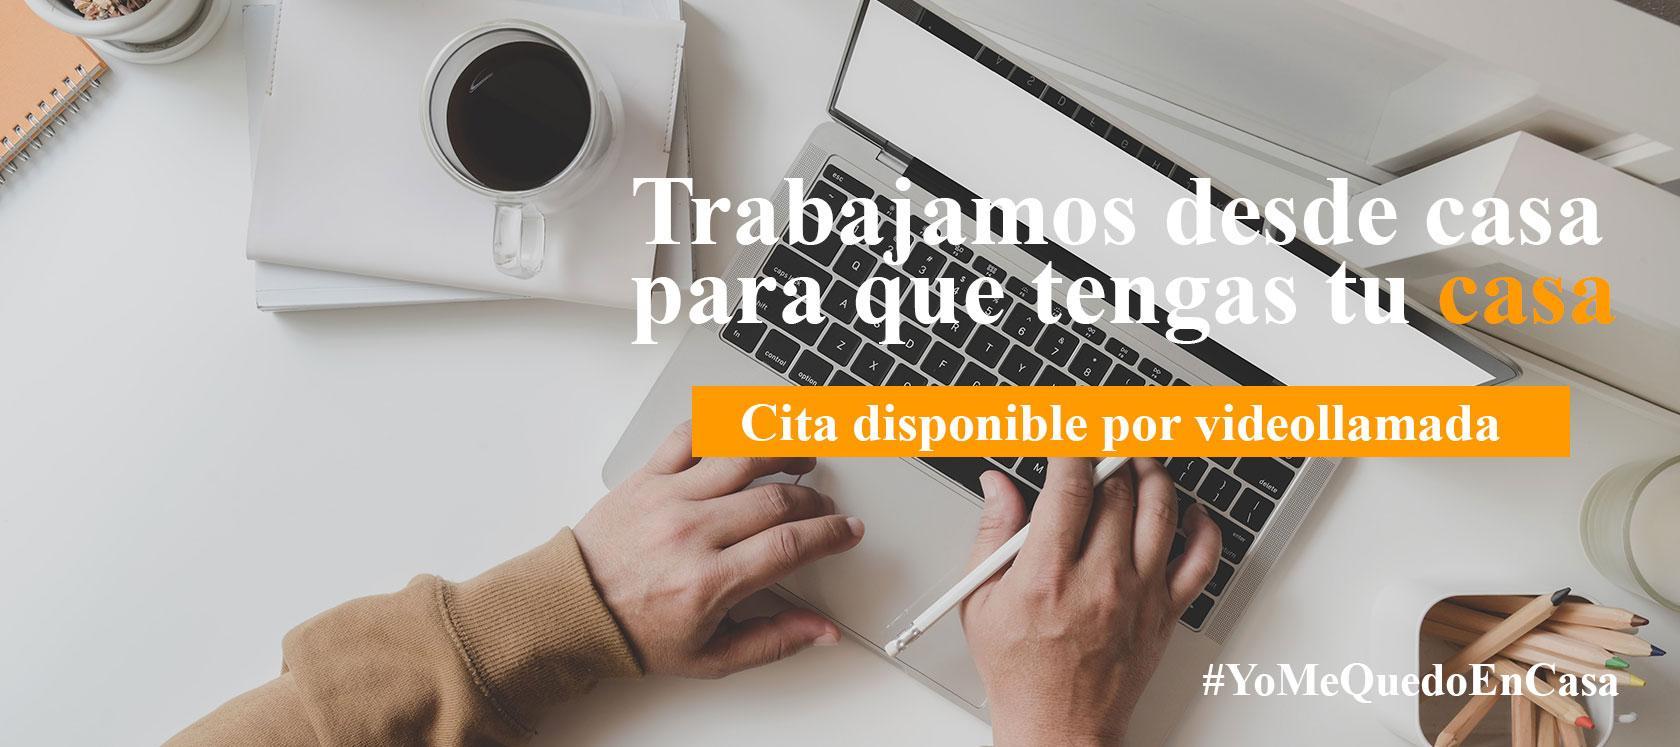 Obra Nueva Málaga-Benalmádena celere-blossom